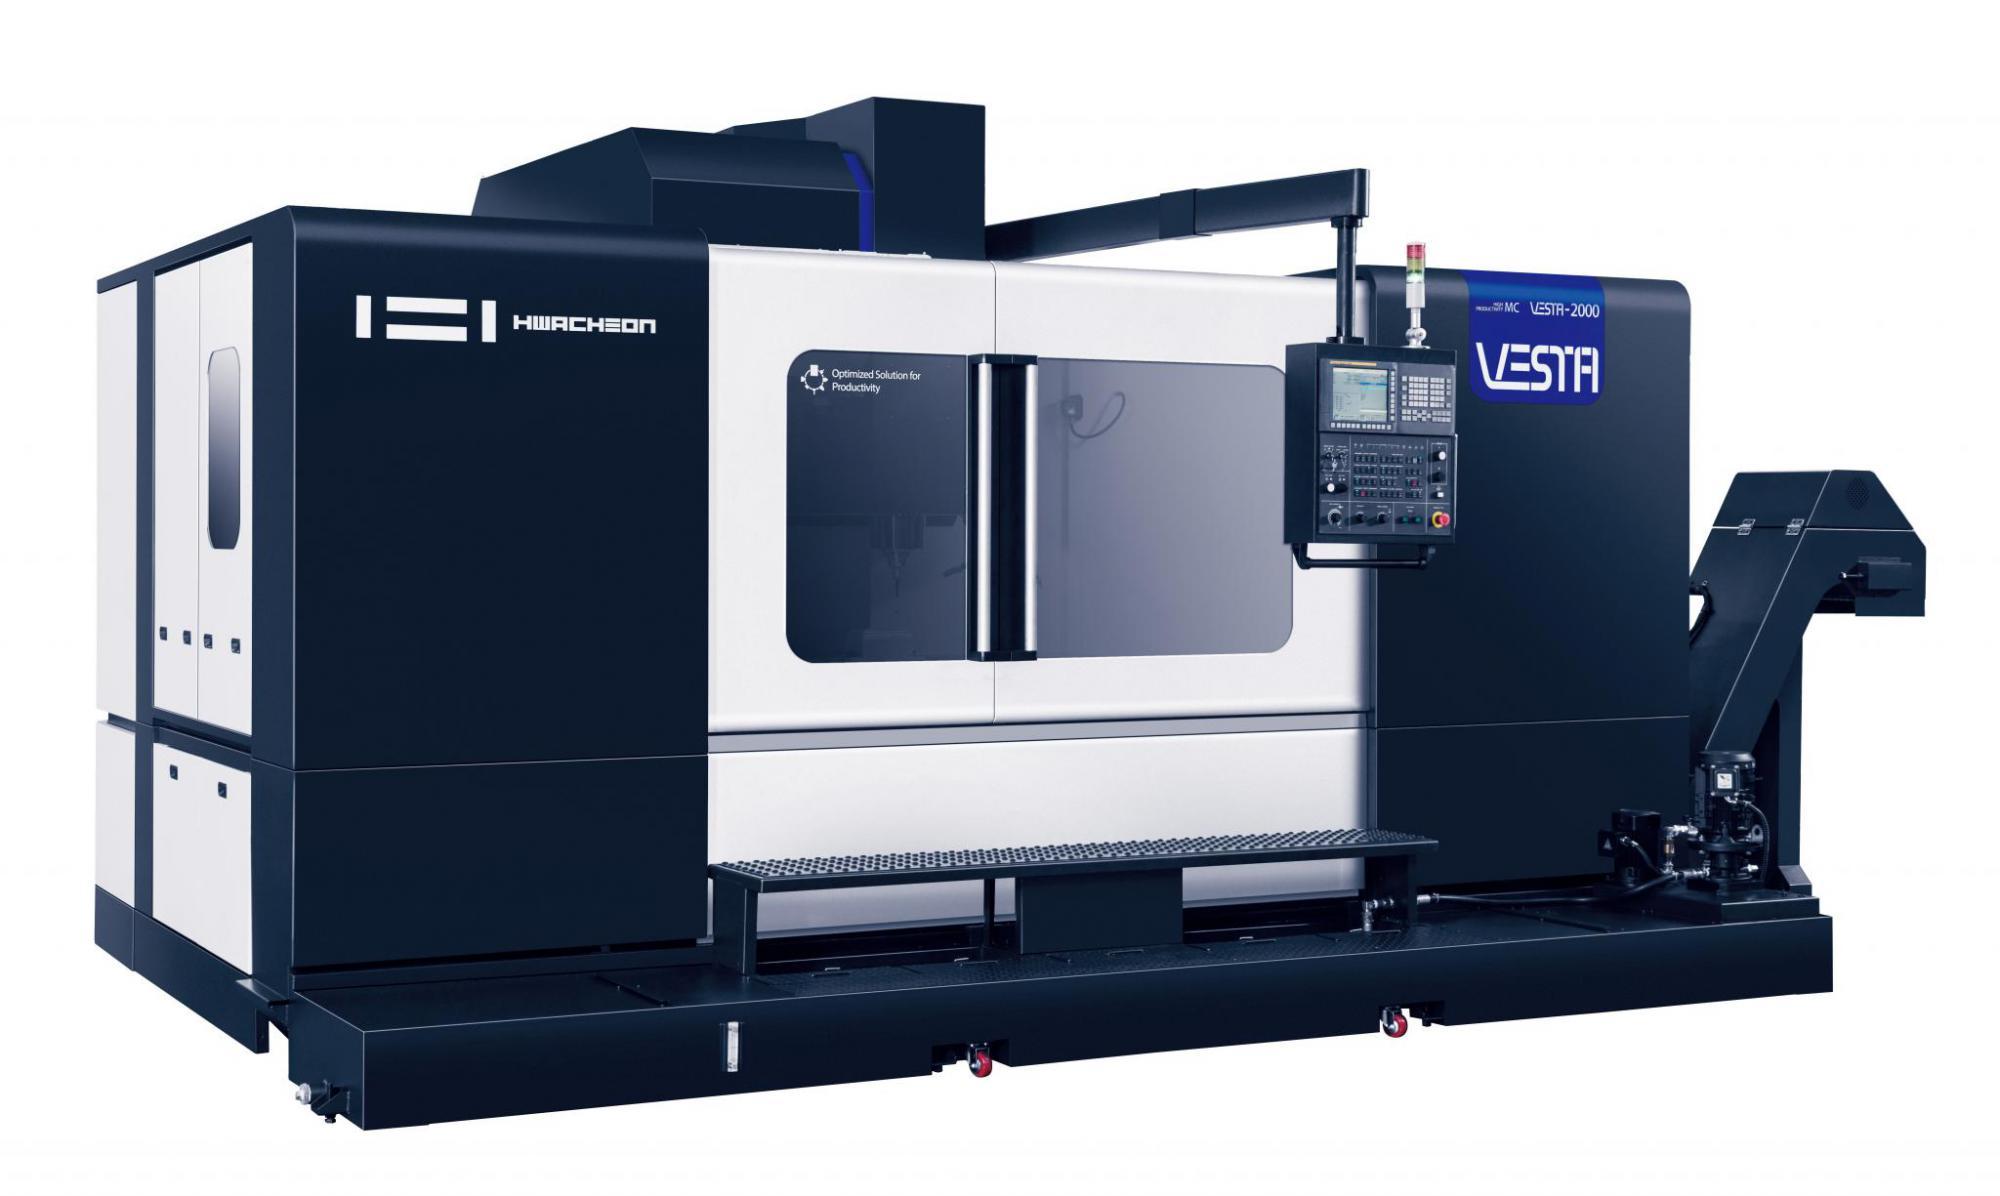 Hwacheon Arizona Machine R 2000 Machinery Vesta Tools And Cnc D wOZNkX8n0P